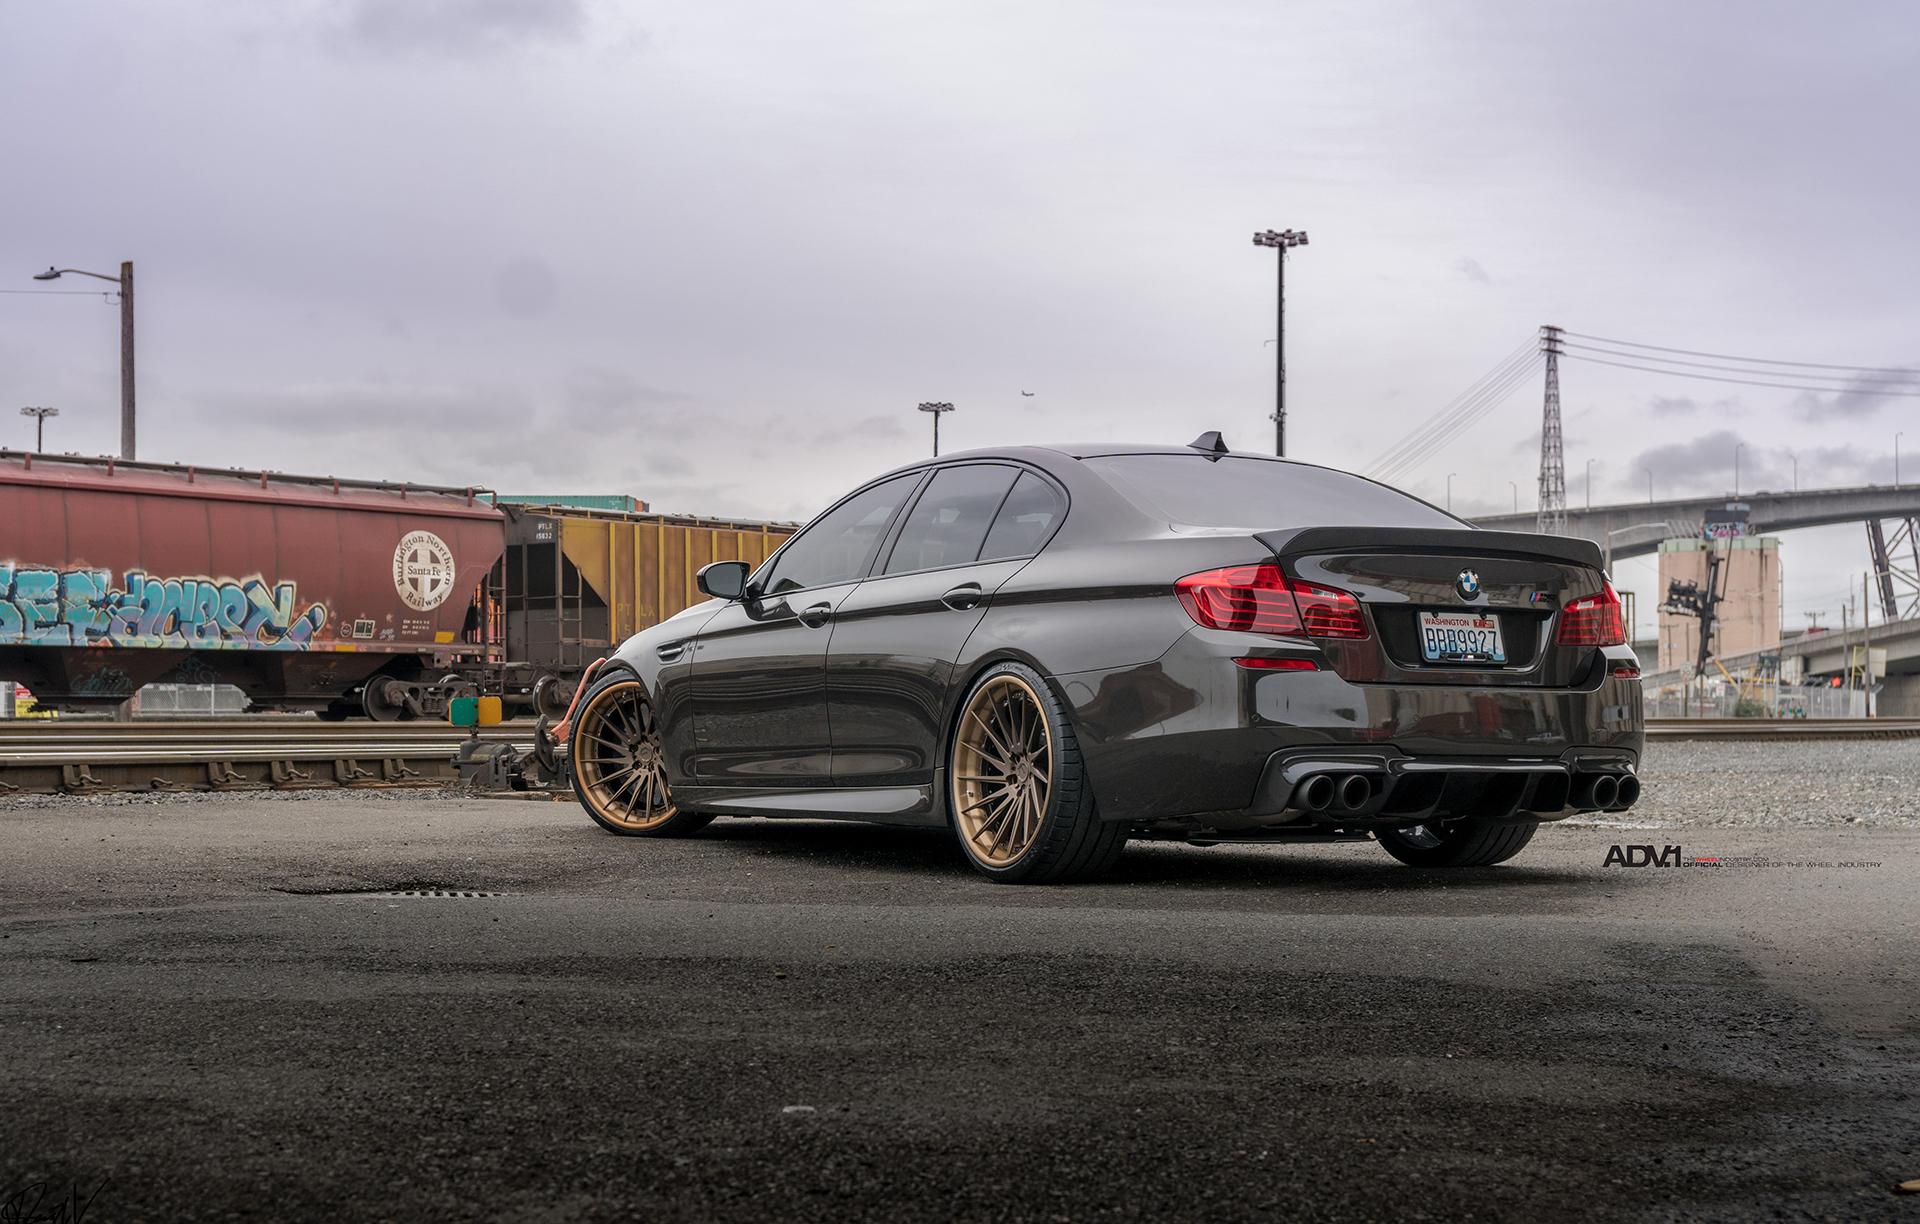 f10-bmw-m5-on-adv-1-wheels-1